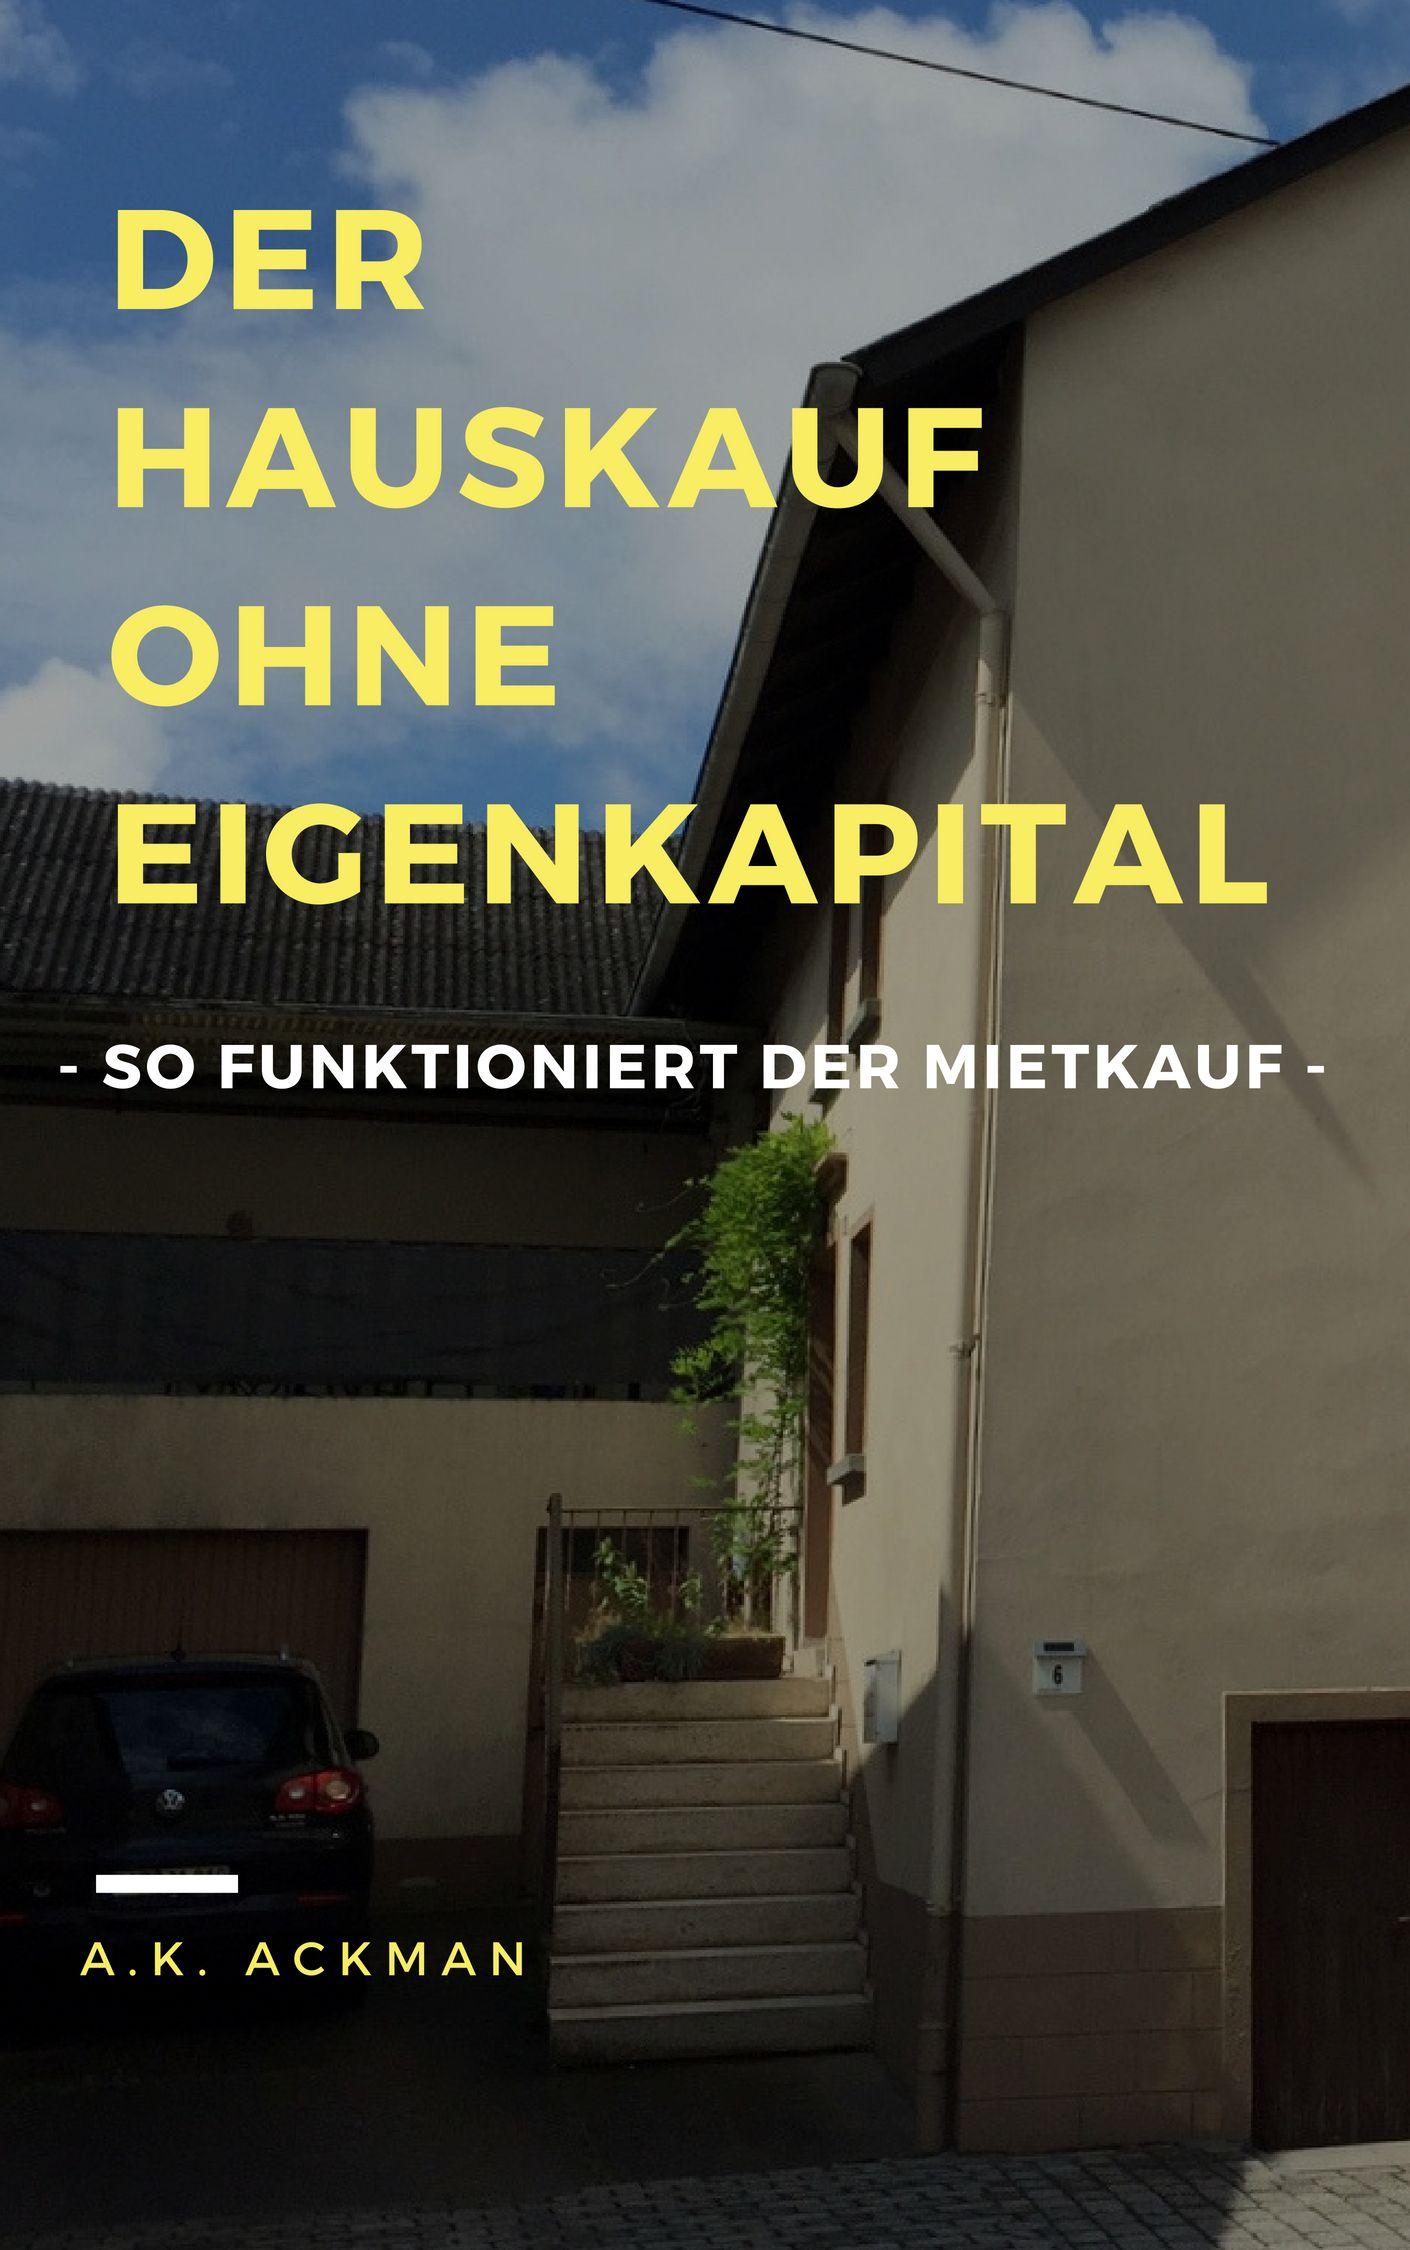 Ohne Eigenkapital Zum Eigenheim Mit Dem Mietkauf Joannsdiy Mietkauf Ebook Affiliate Immobilie Haus Eigenheim Mietkauf Eigenkapital Immobilien Mieten